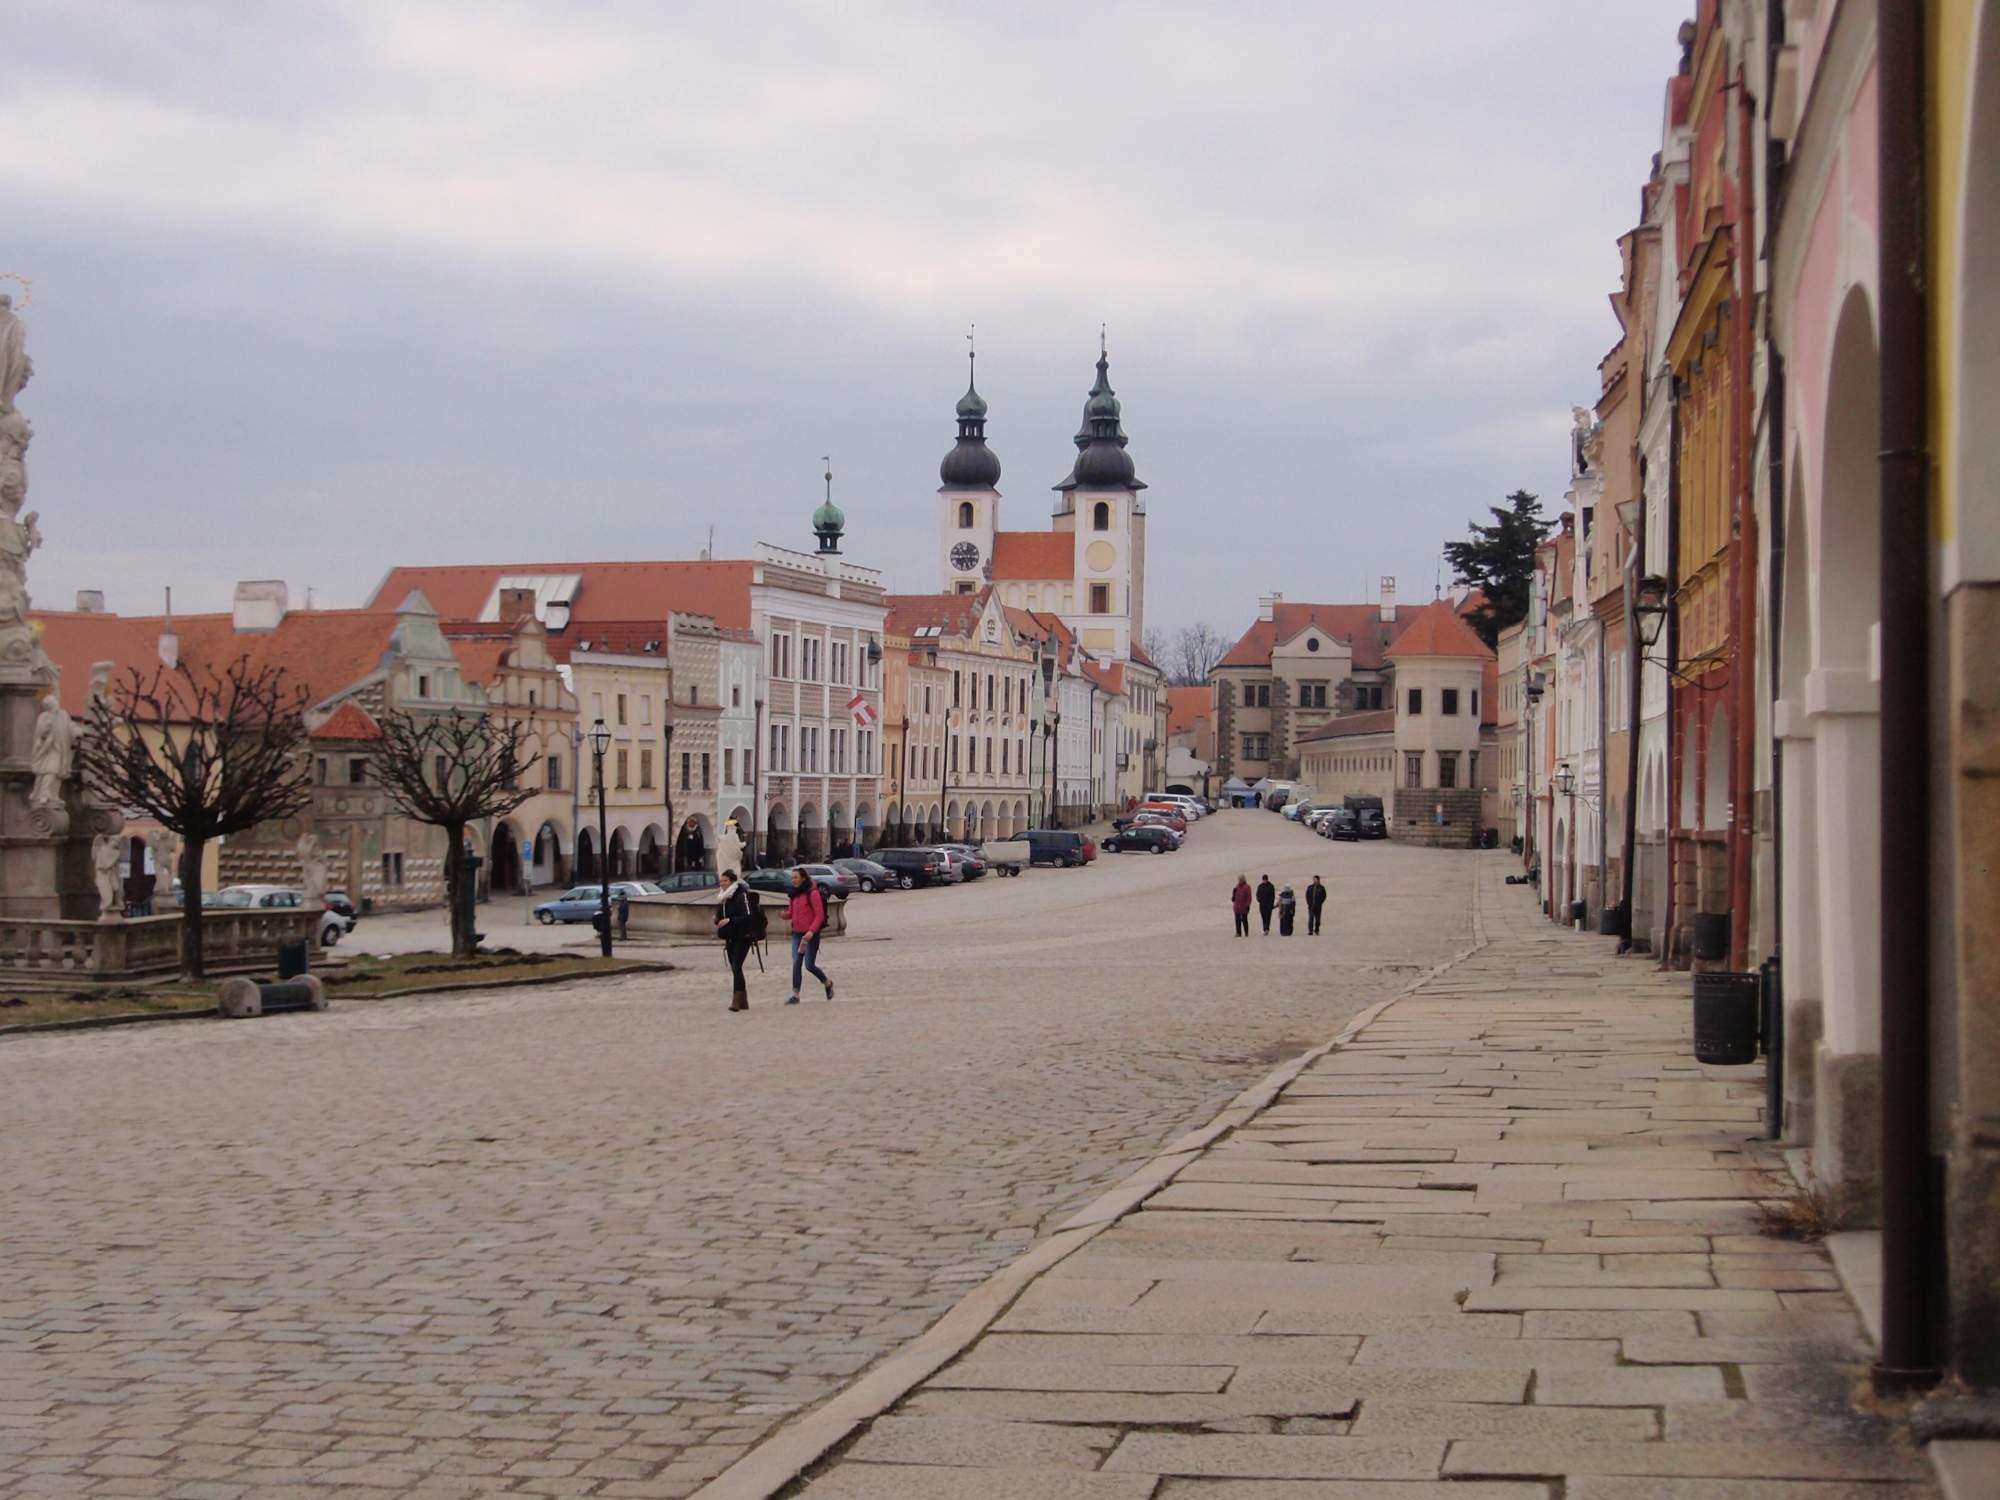 Ačkoliv turistická sezóna ještě nezačala, v Telči na náměstí už se objevují první návštěvníci. Foto: Marie Majdičová